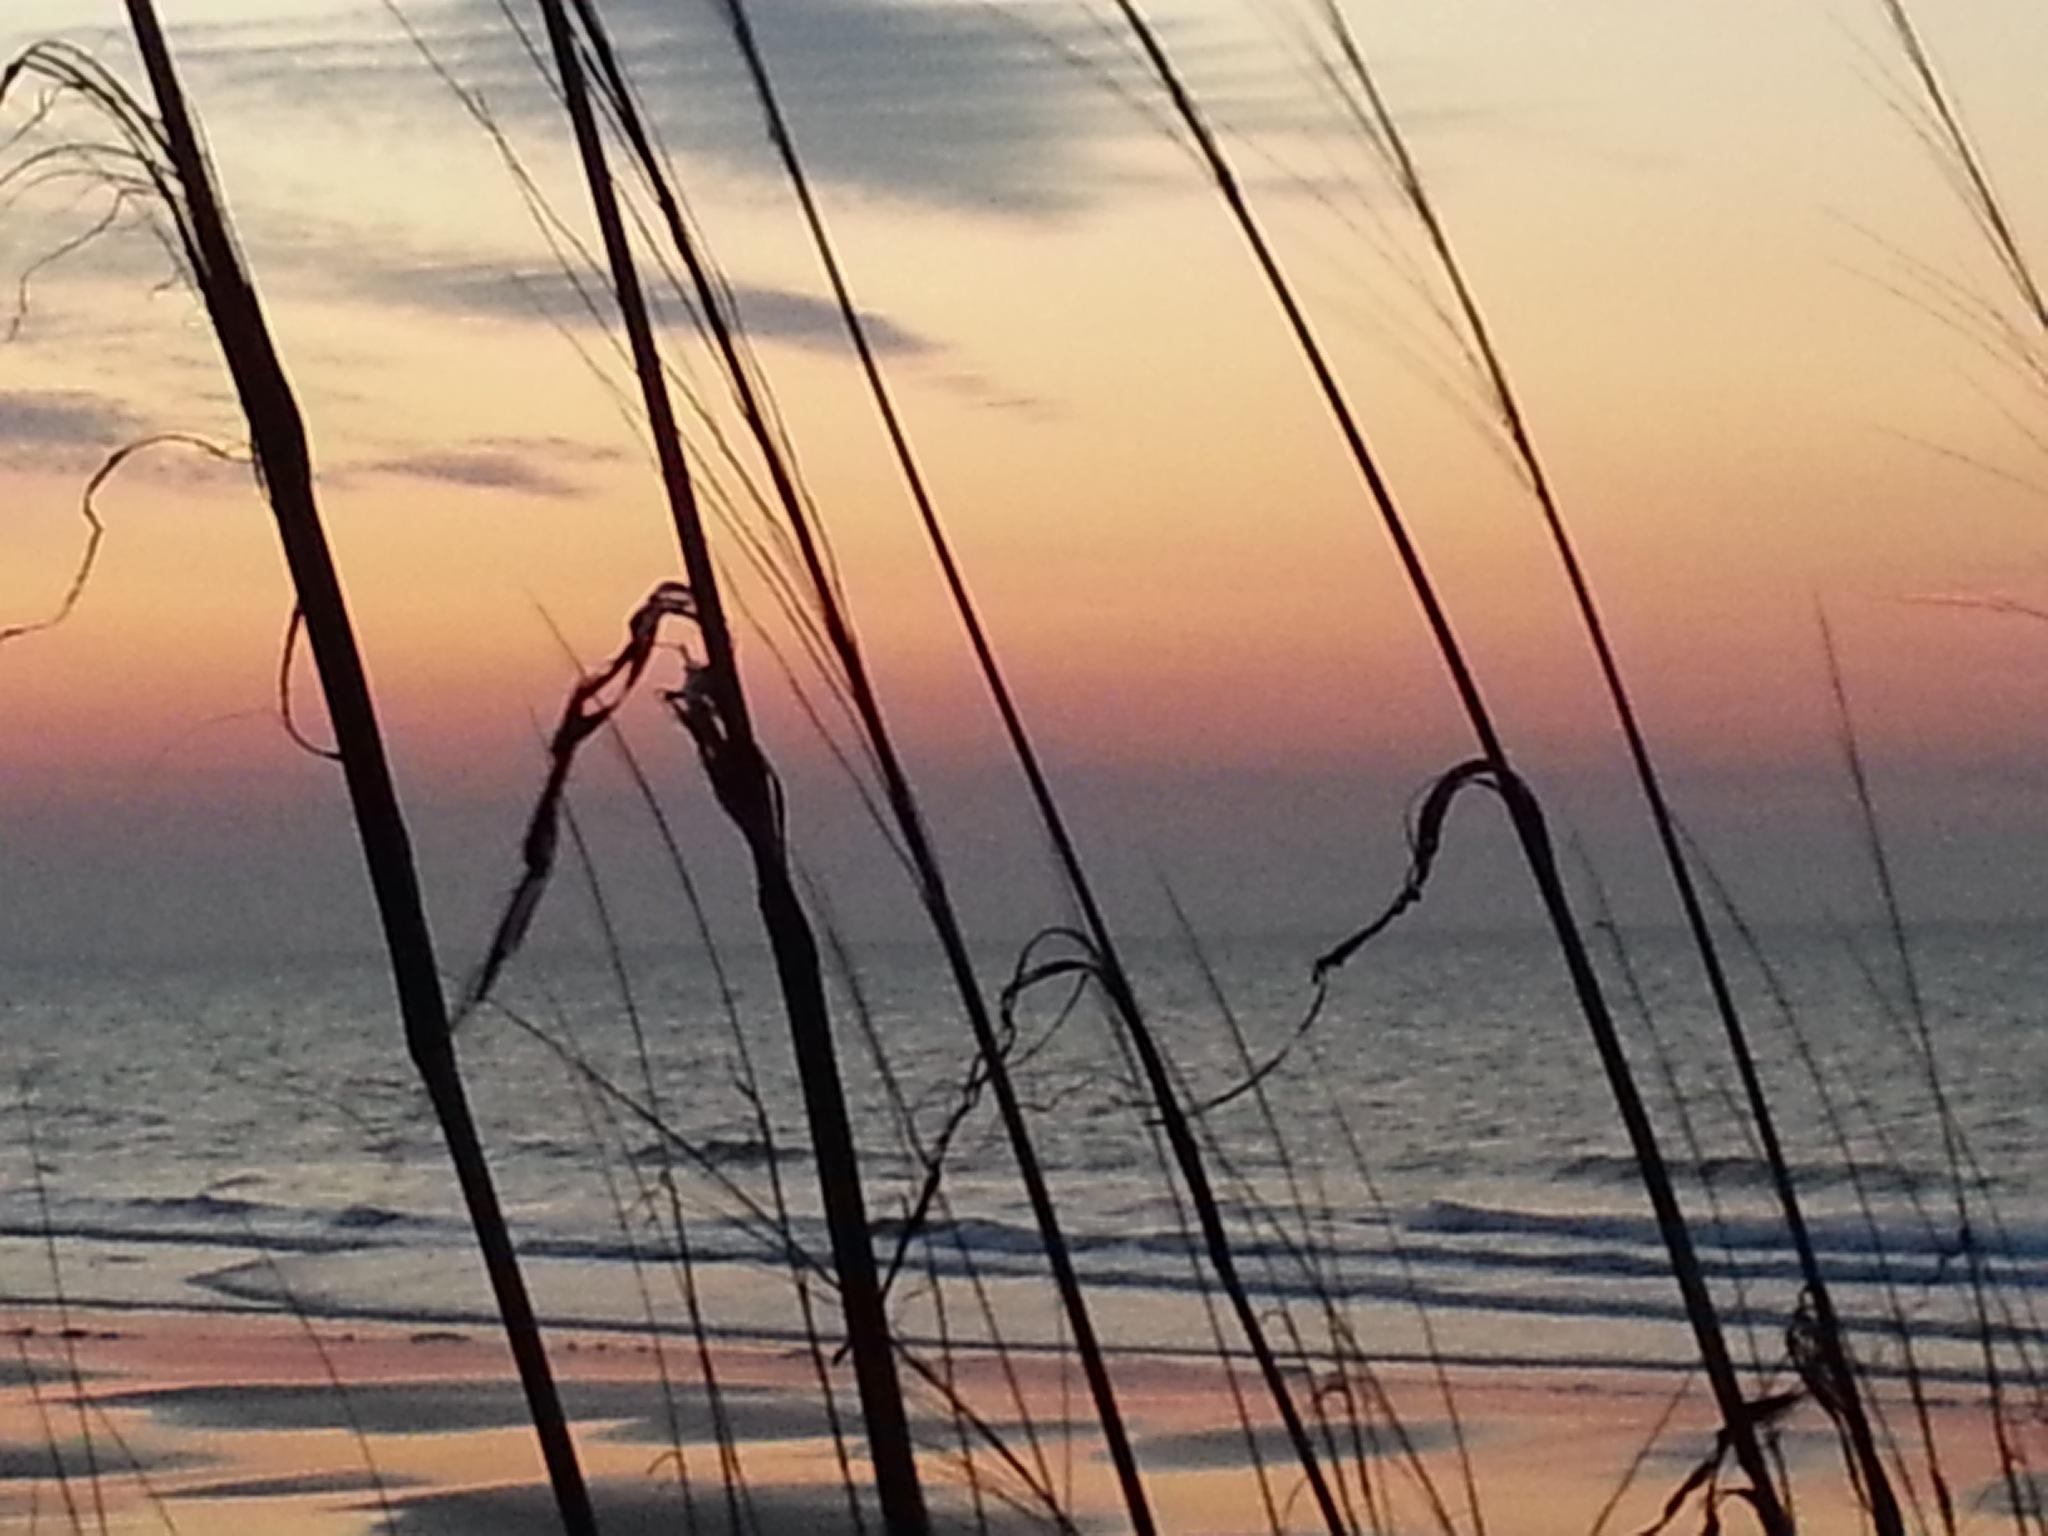 Colorful dawn at beach by Kim Venturo